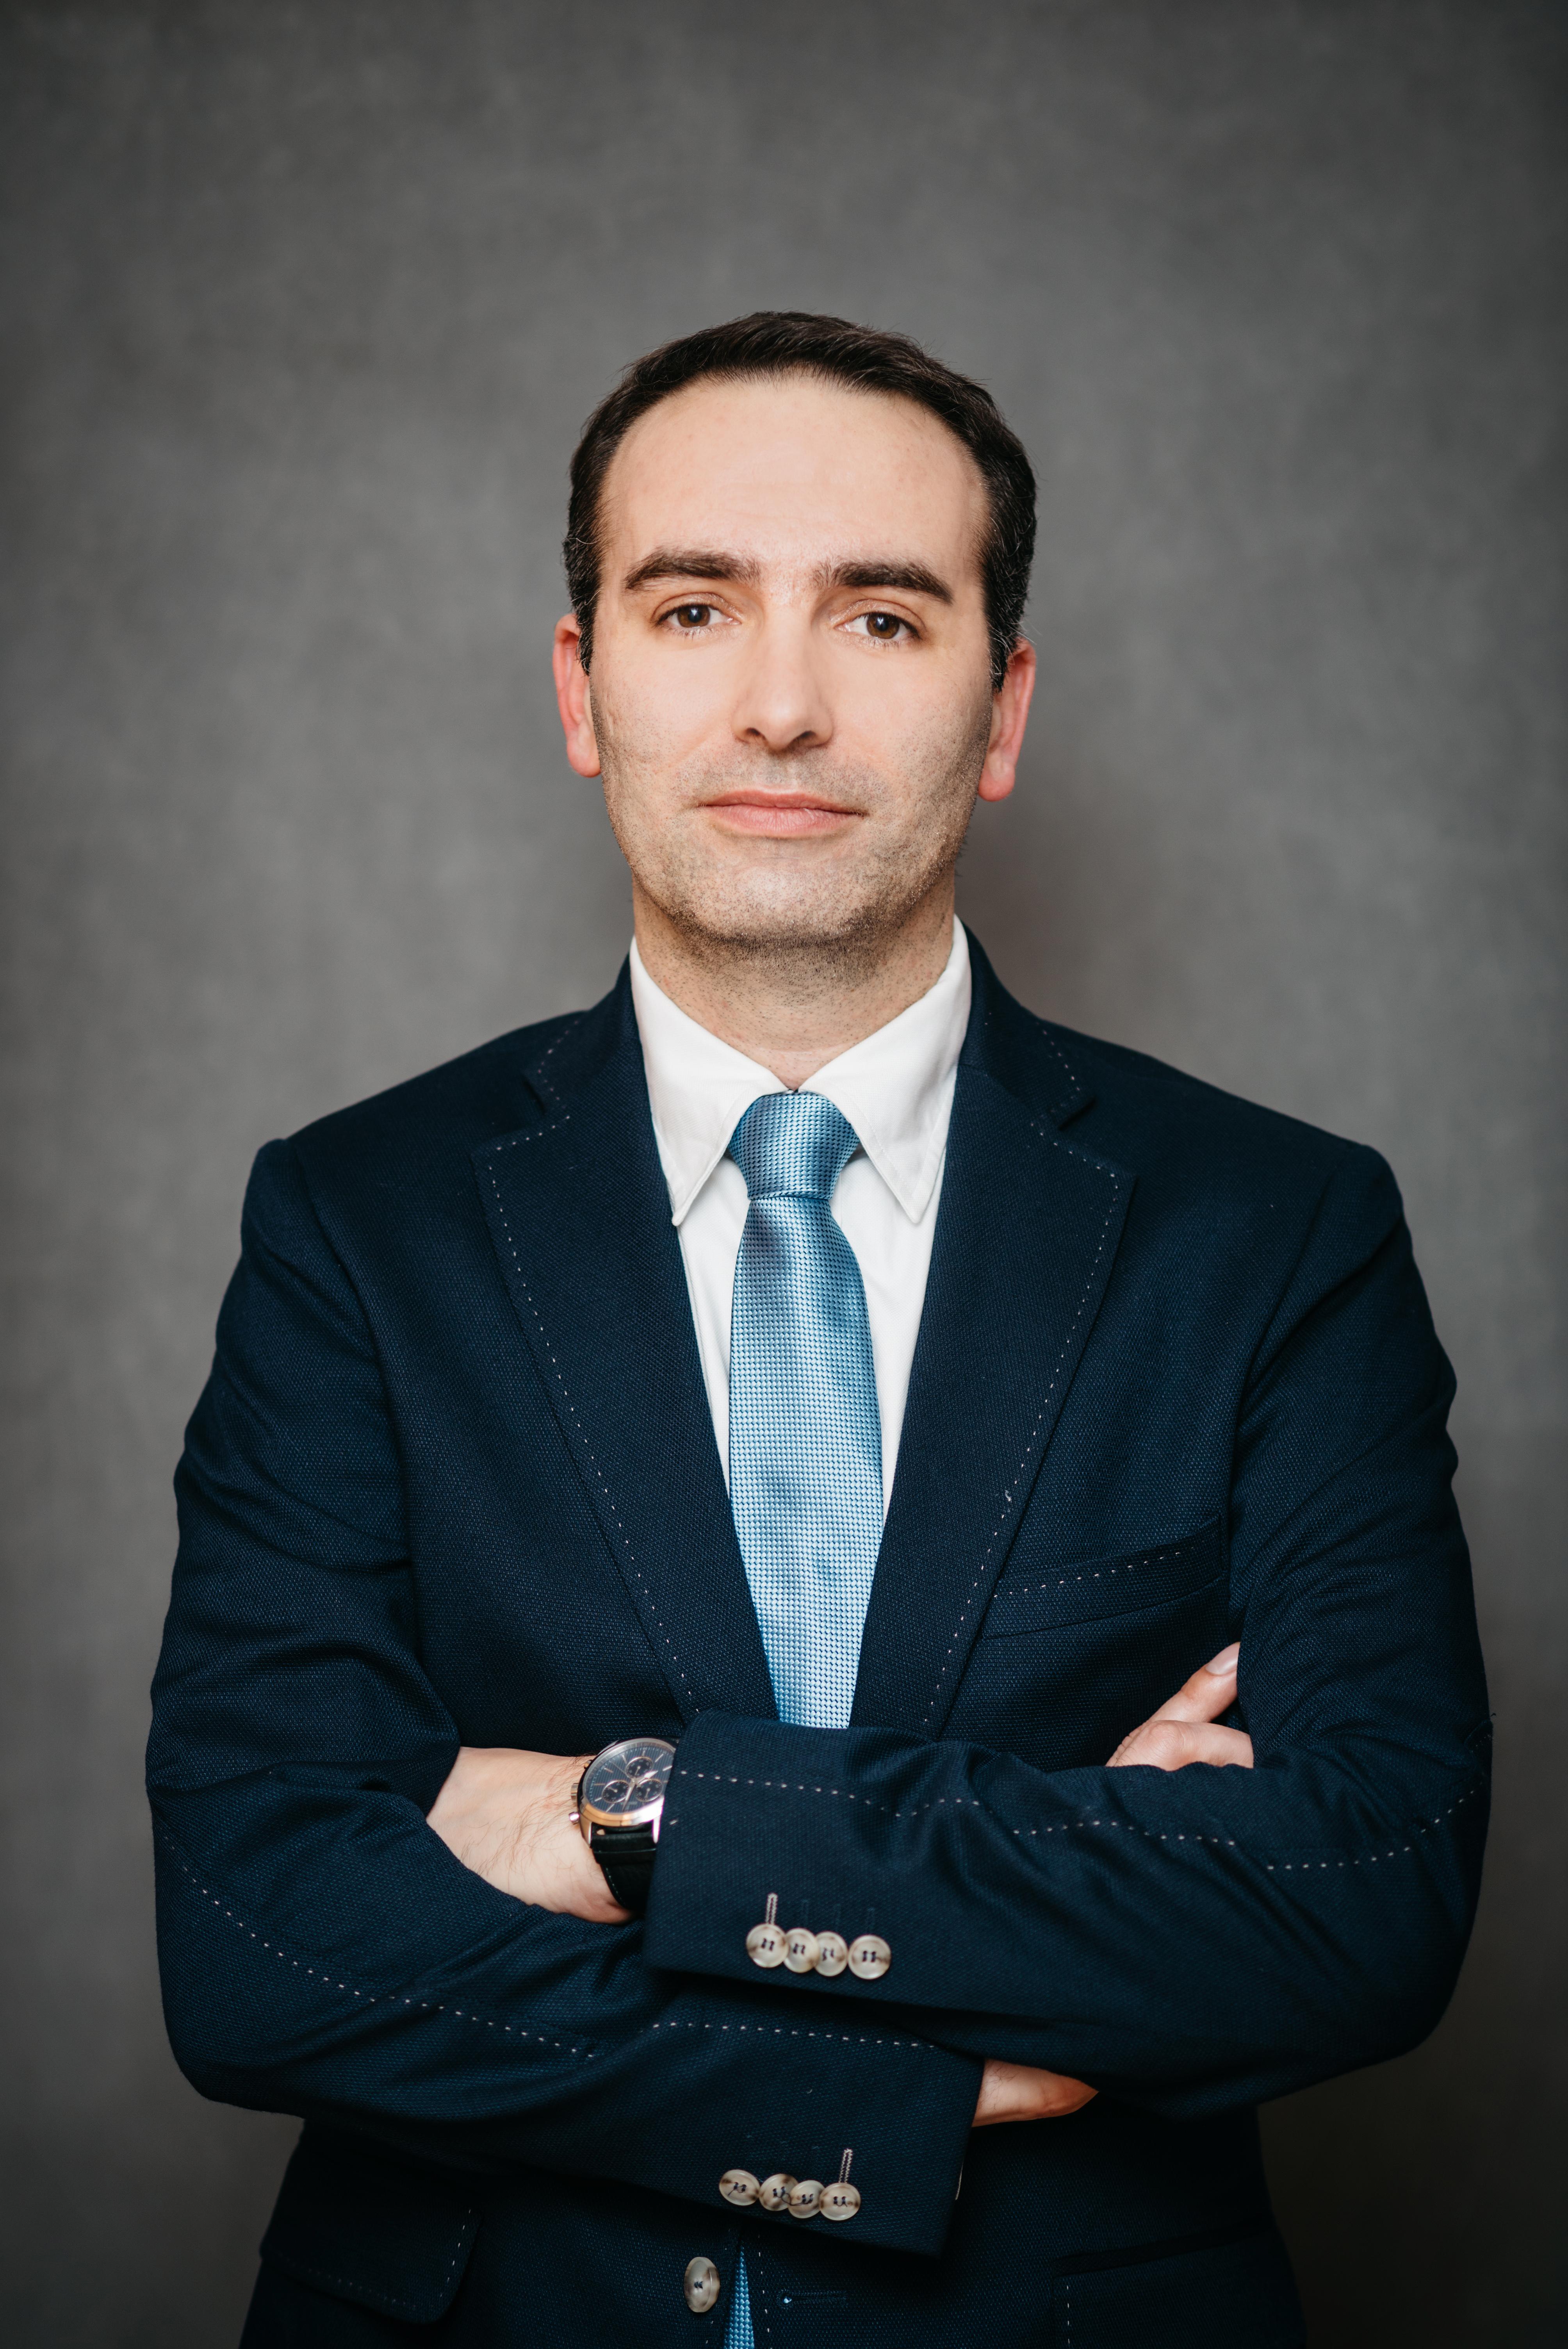 Mateusz Handel